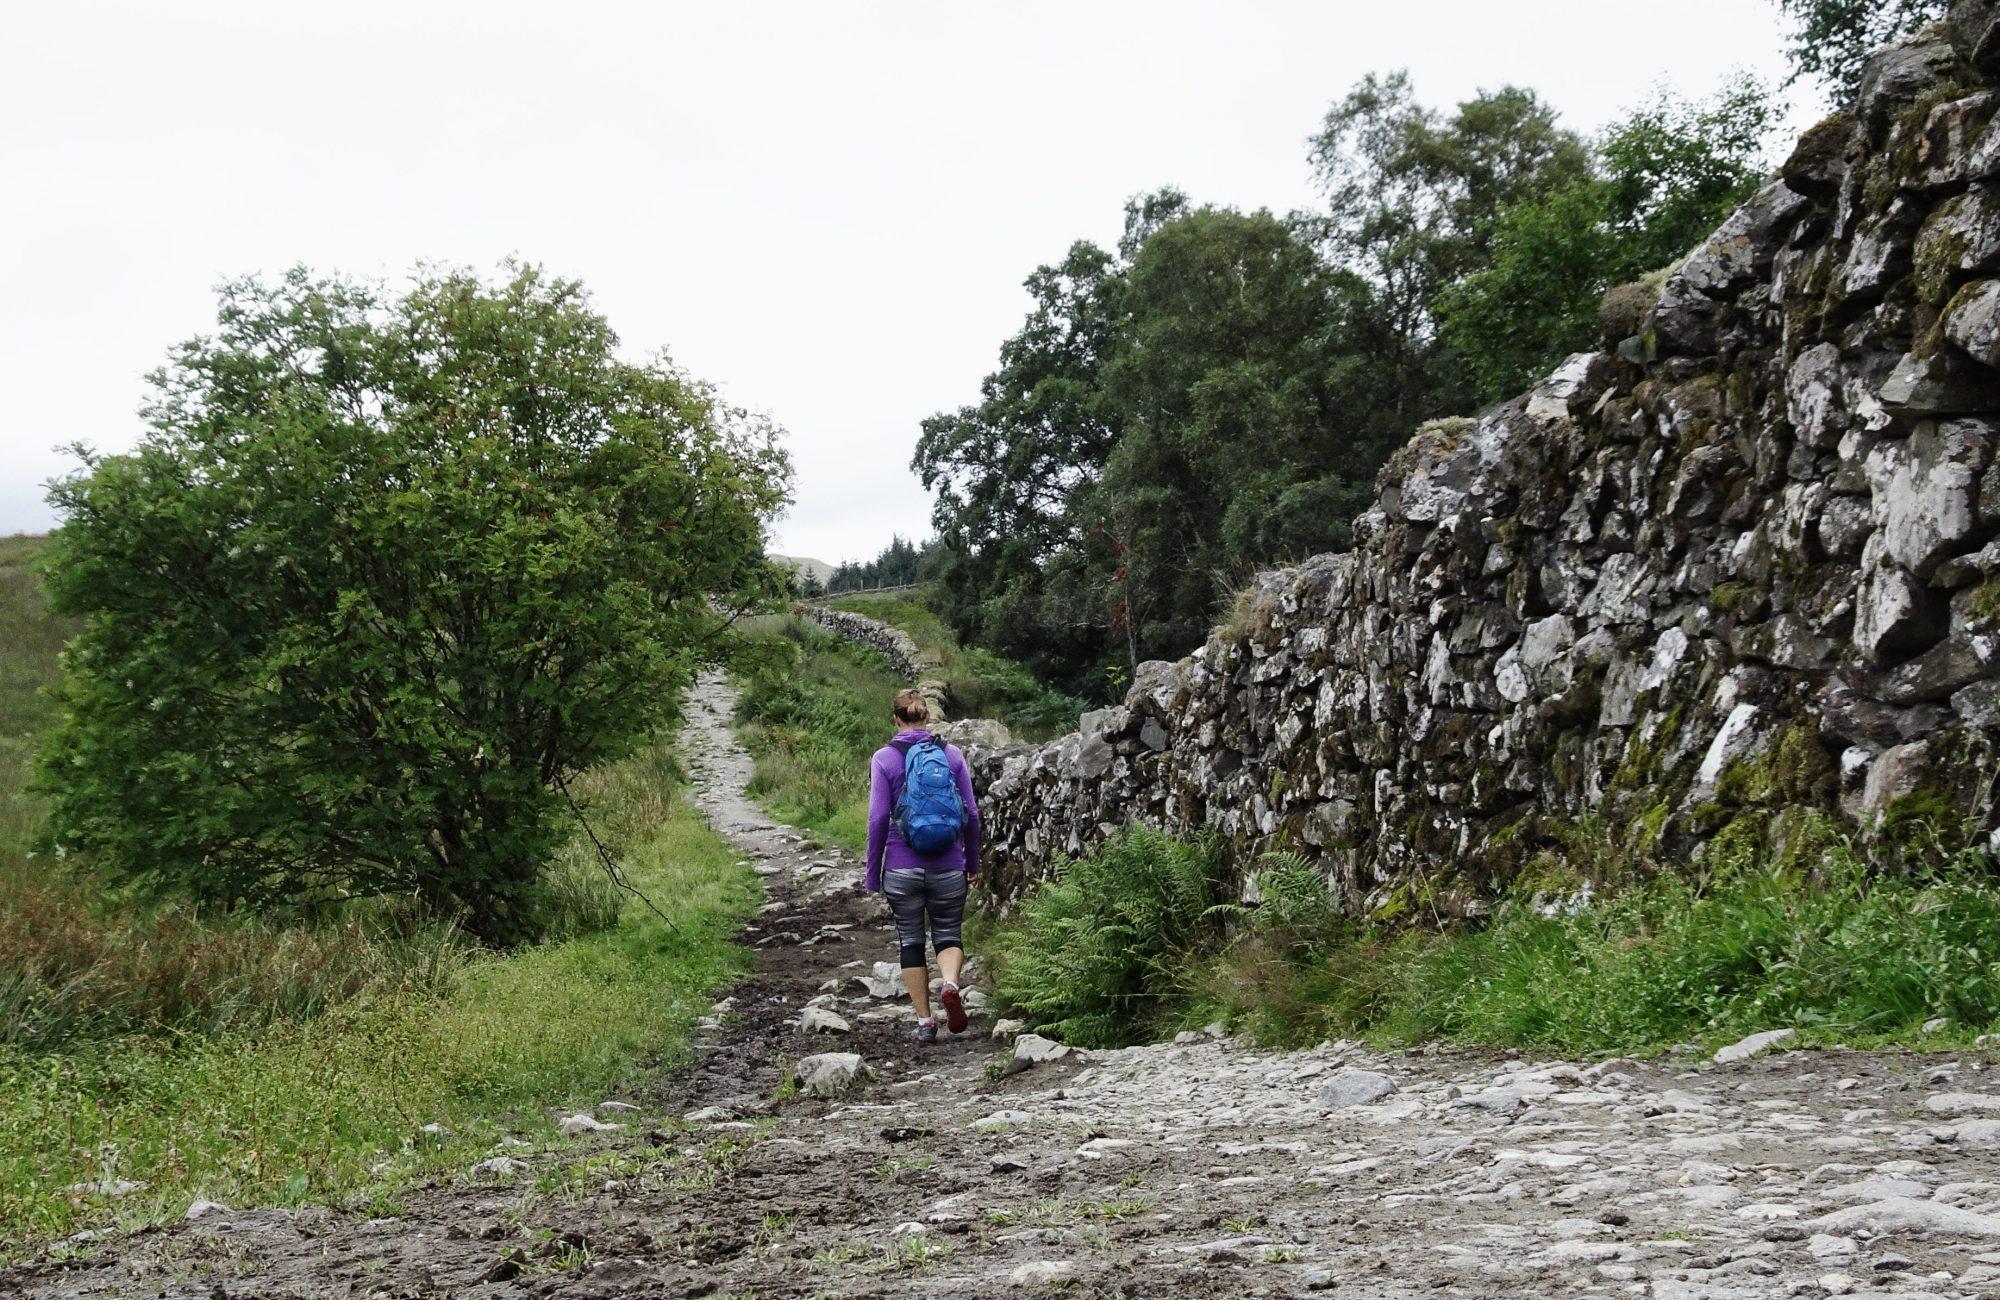 Mauer, Wanderweg, West Highland Way, Schottland, Wanderung, Weitwandern, Trekking, Highlands